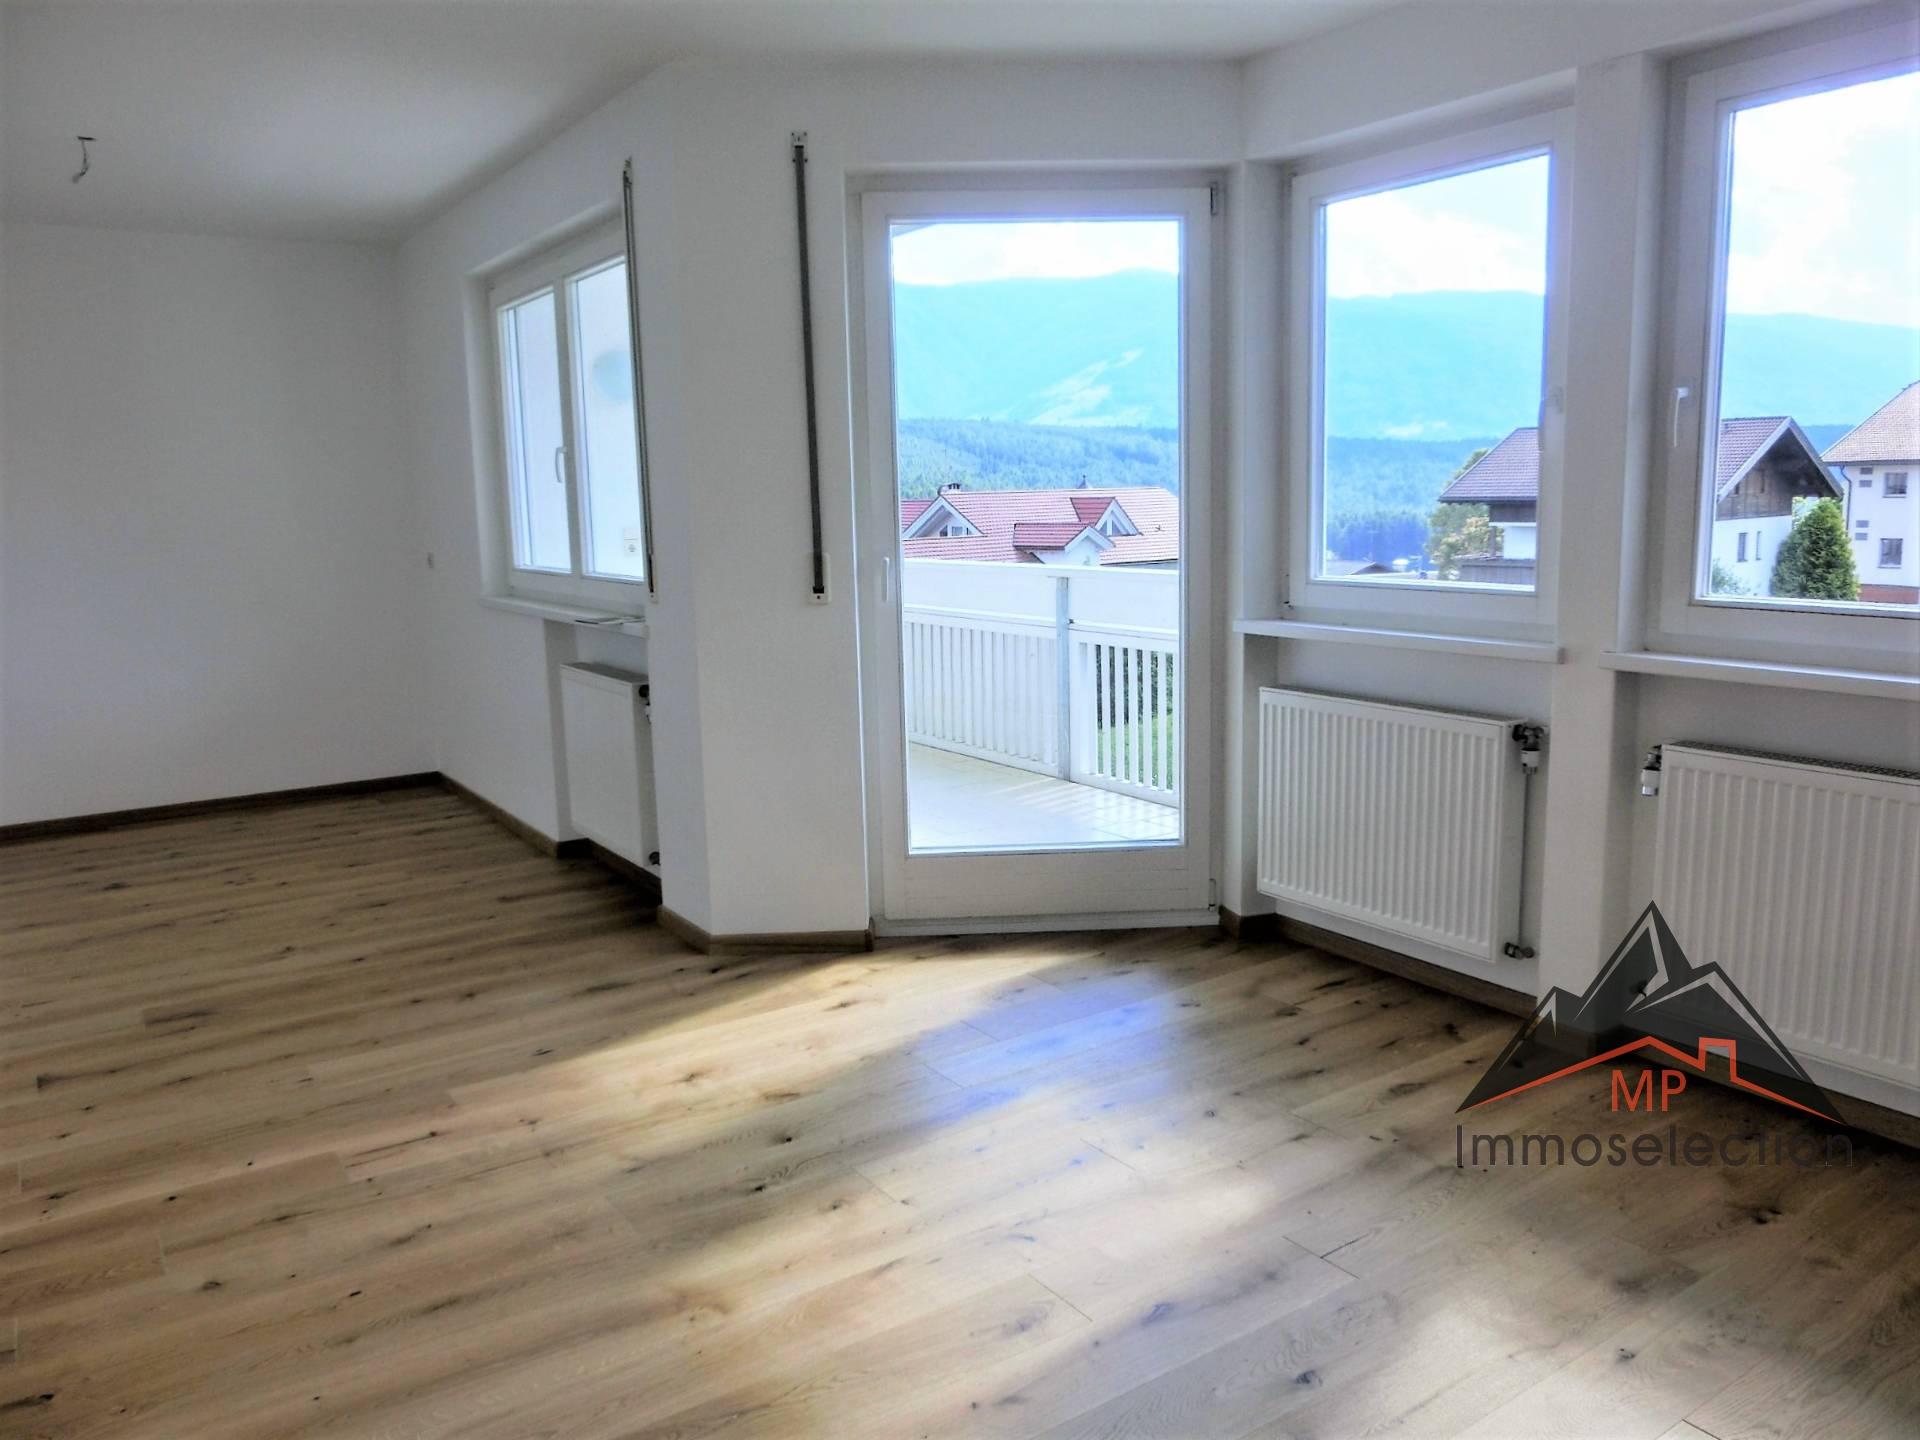 Appartamento in vendita a Falzes, 3 locali, zona Località: Pfalzen-Falzes, prezzo € 270.000 | CambioCasa.it